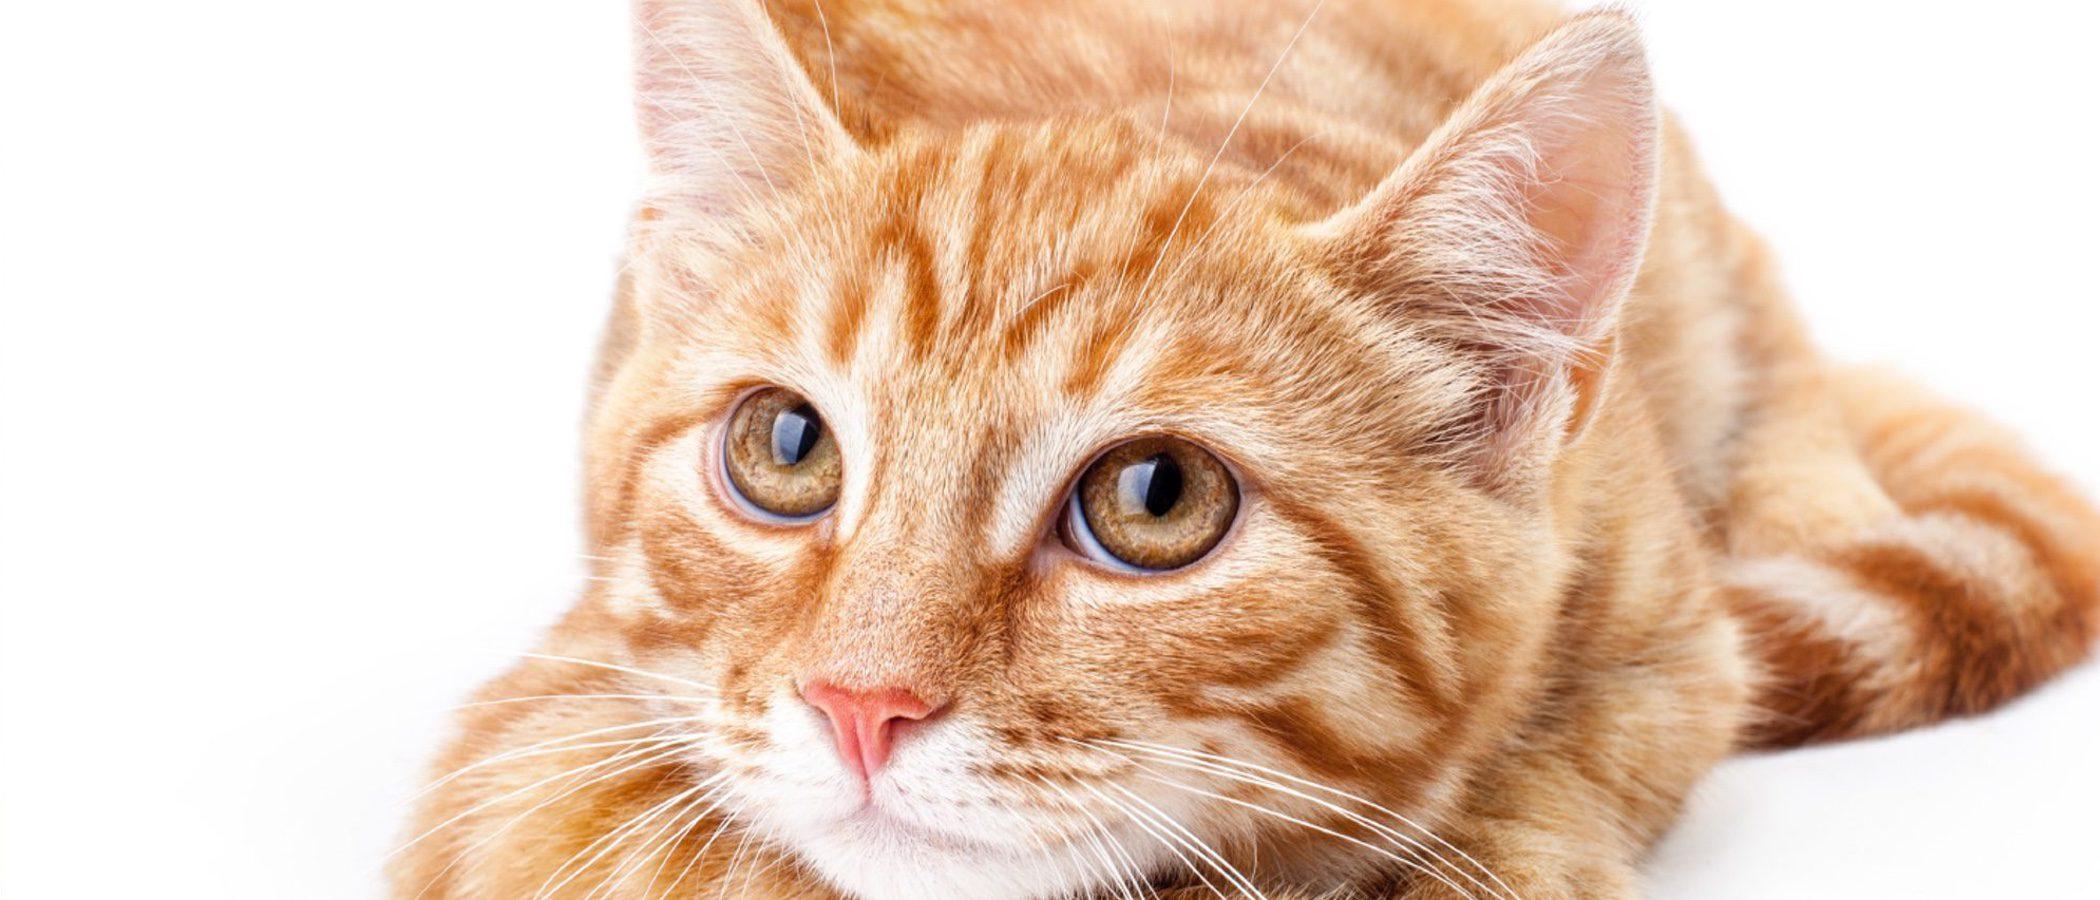 Depresión en los gatos: cómo saber si nuestra mascota está triste